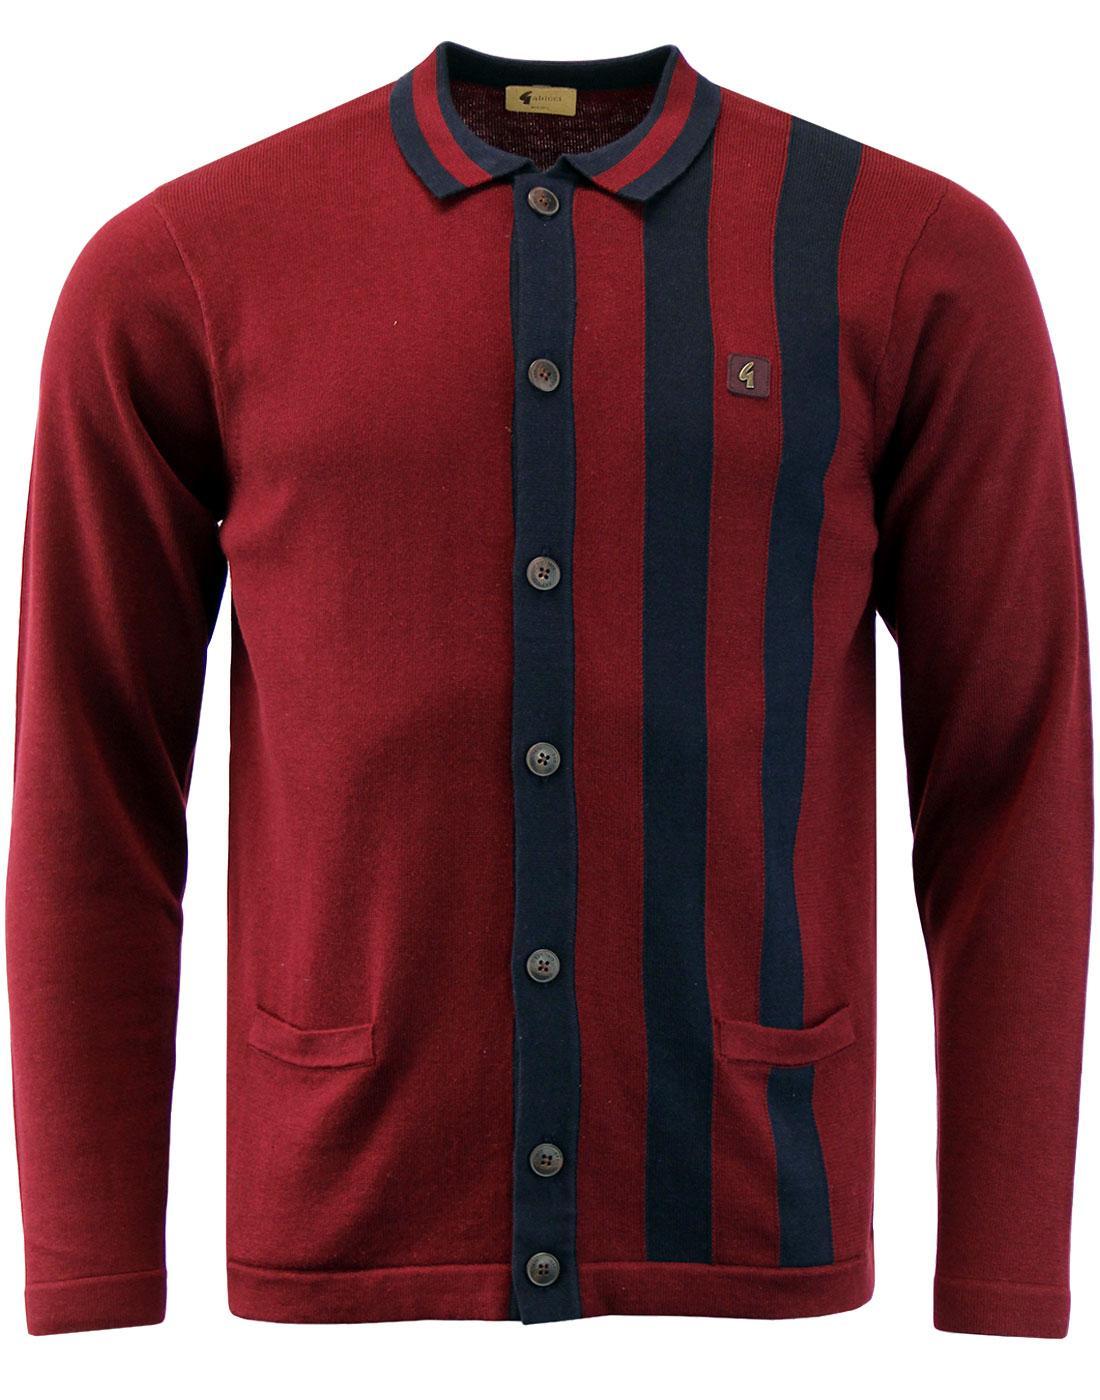 Boom GABICCI VINTAGE Mod Stripe Polo Cardigan PORT